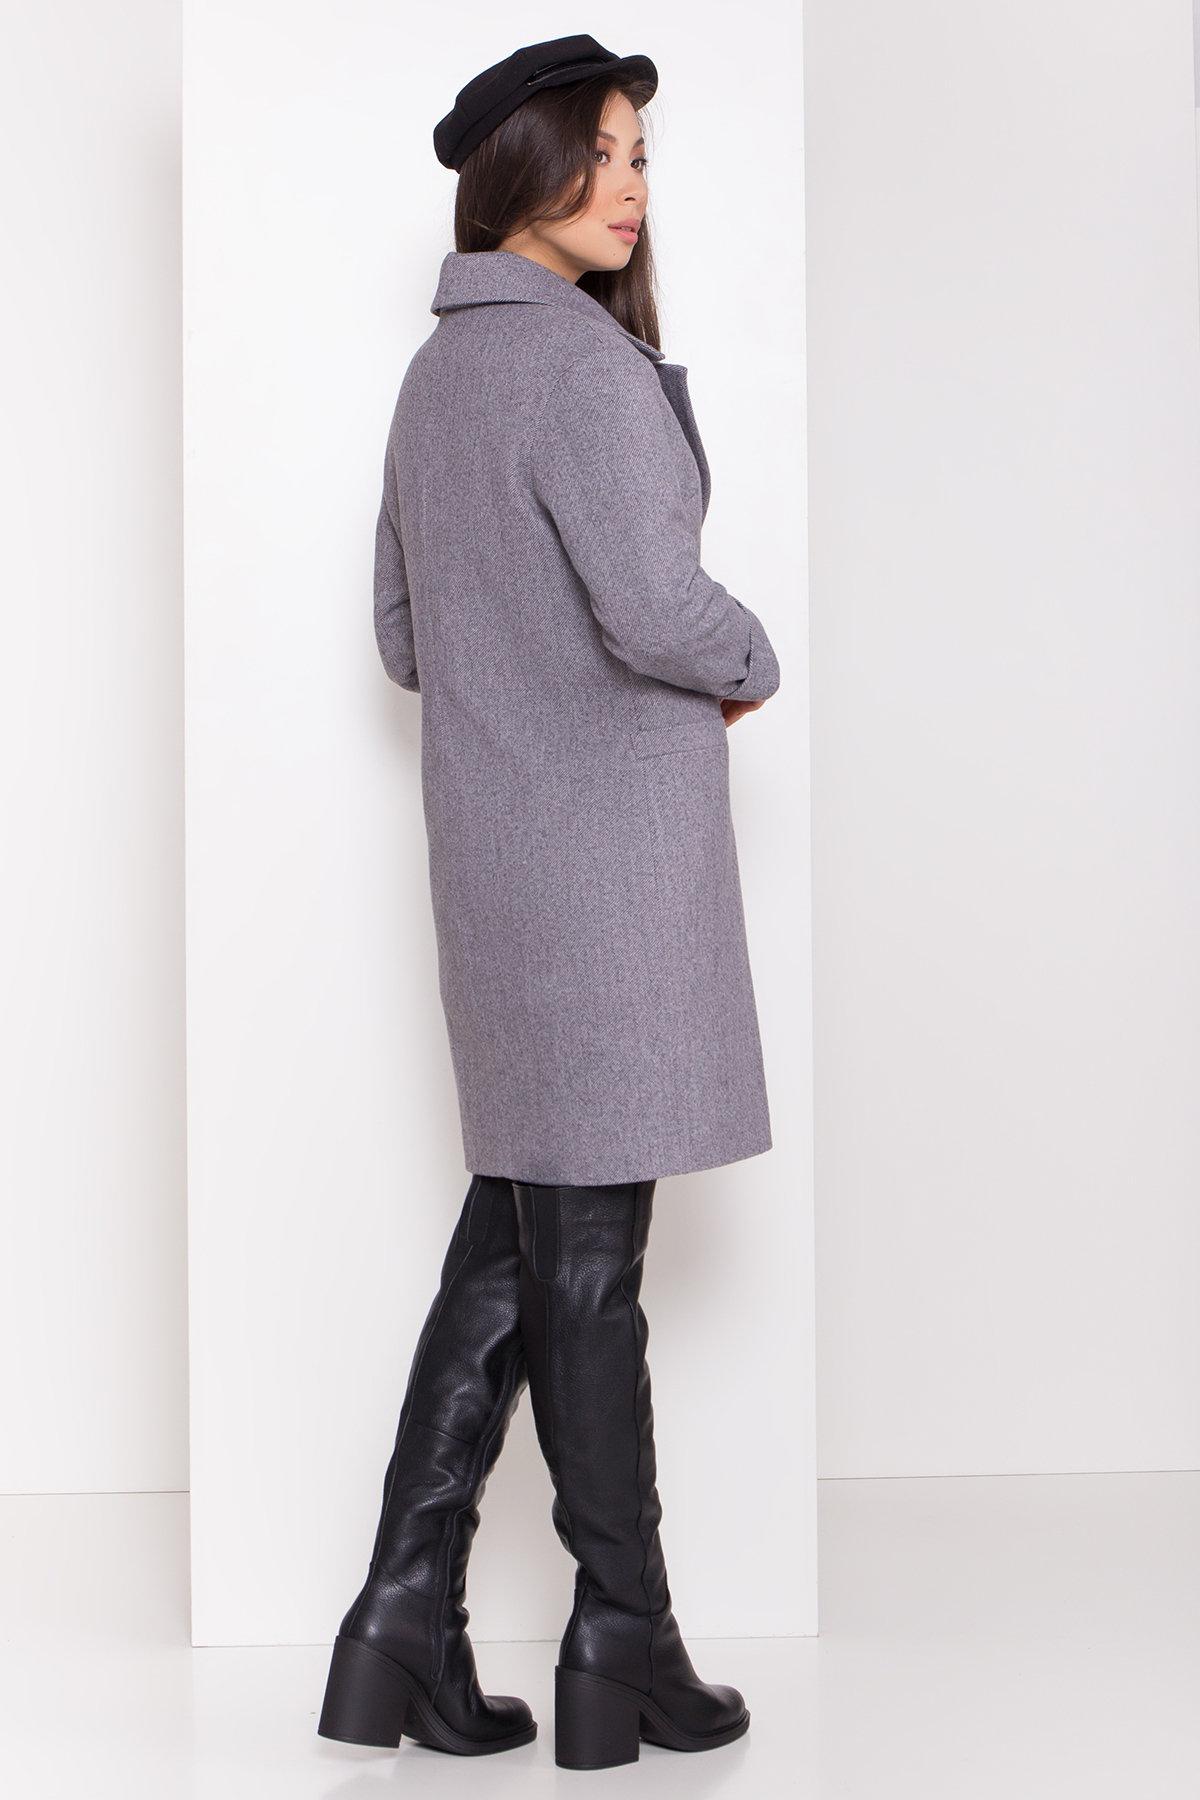 Зимнее утепленное пальто диагональ Вива 8243 АРТ. 44279 Цвет: Серый - фото 4, интернет магазин tm-modus.ru